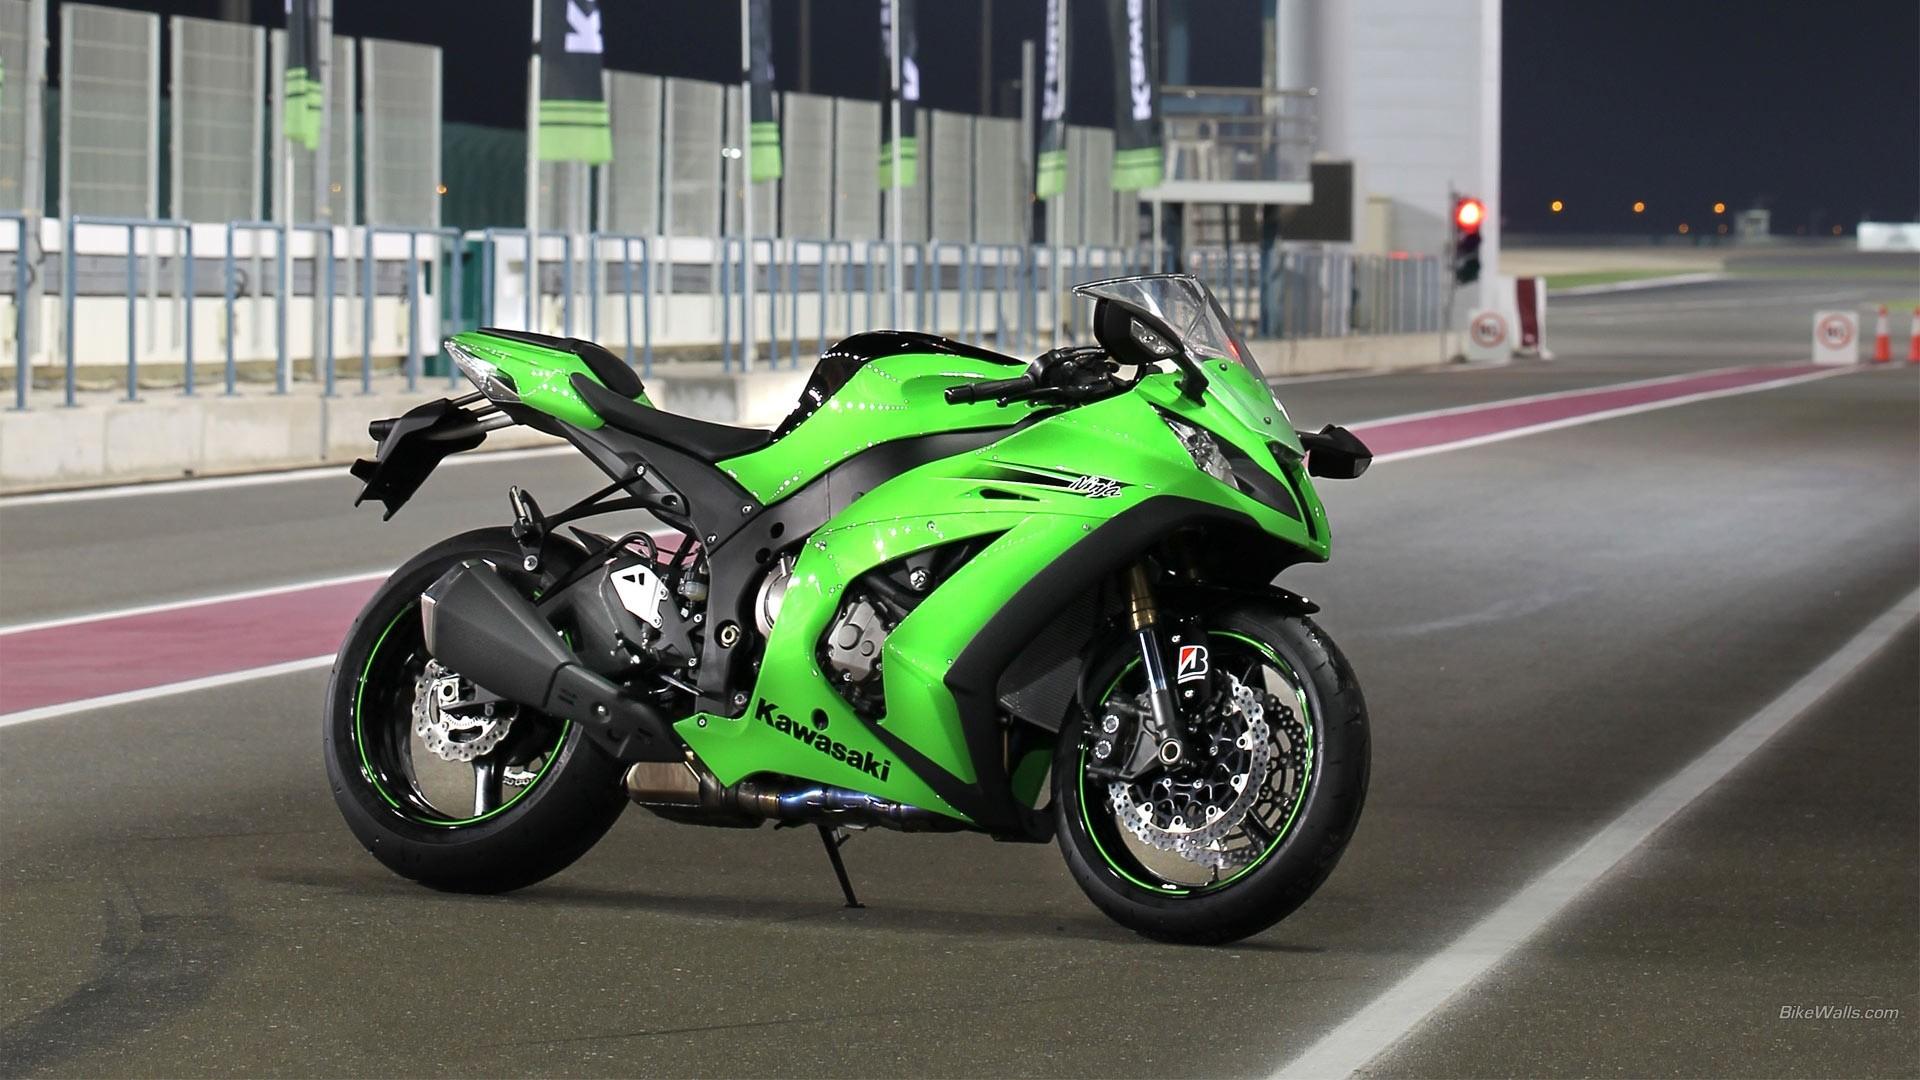 Kawasaki full hd 1080p wallpaper